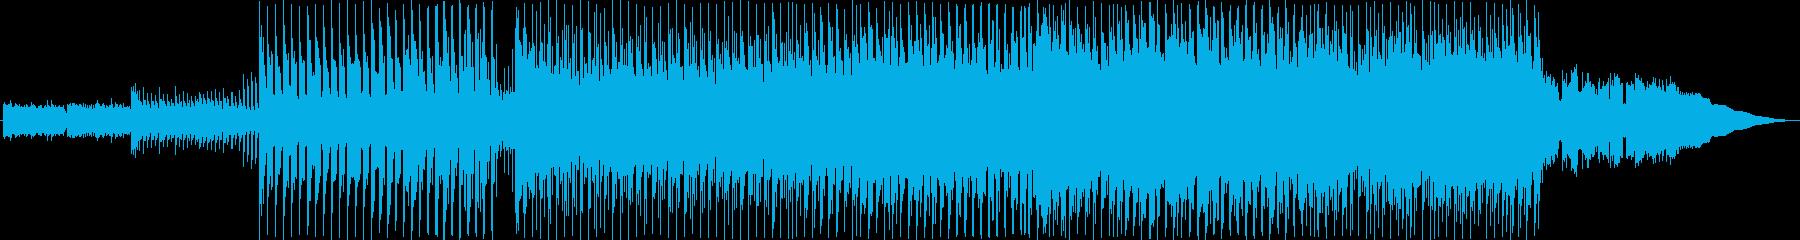 楽しい映像に合うエレクトロポップの再生済みの波形